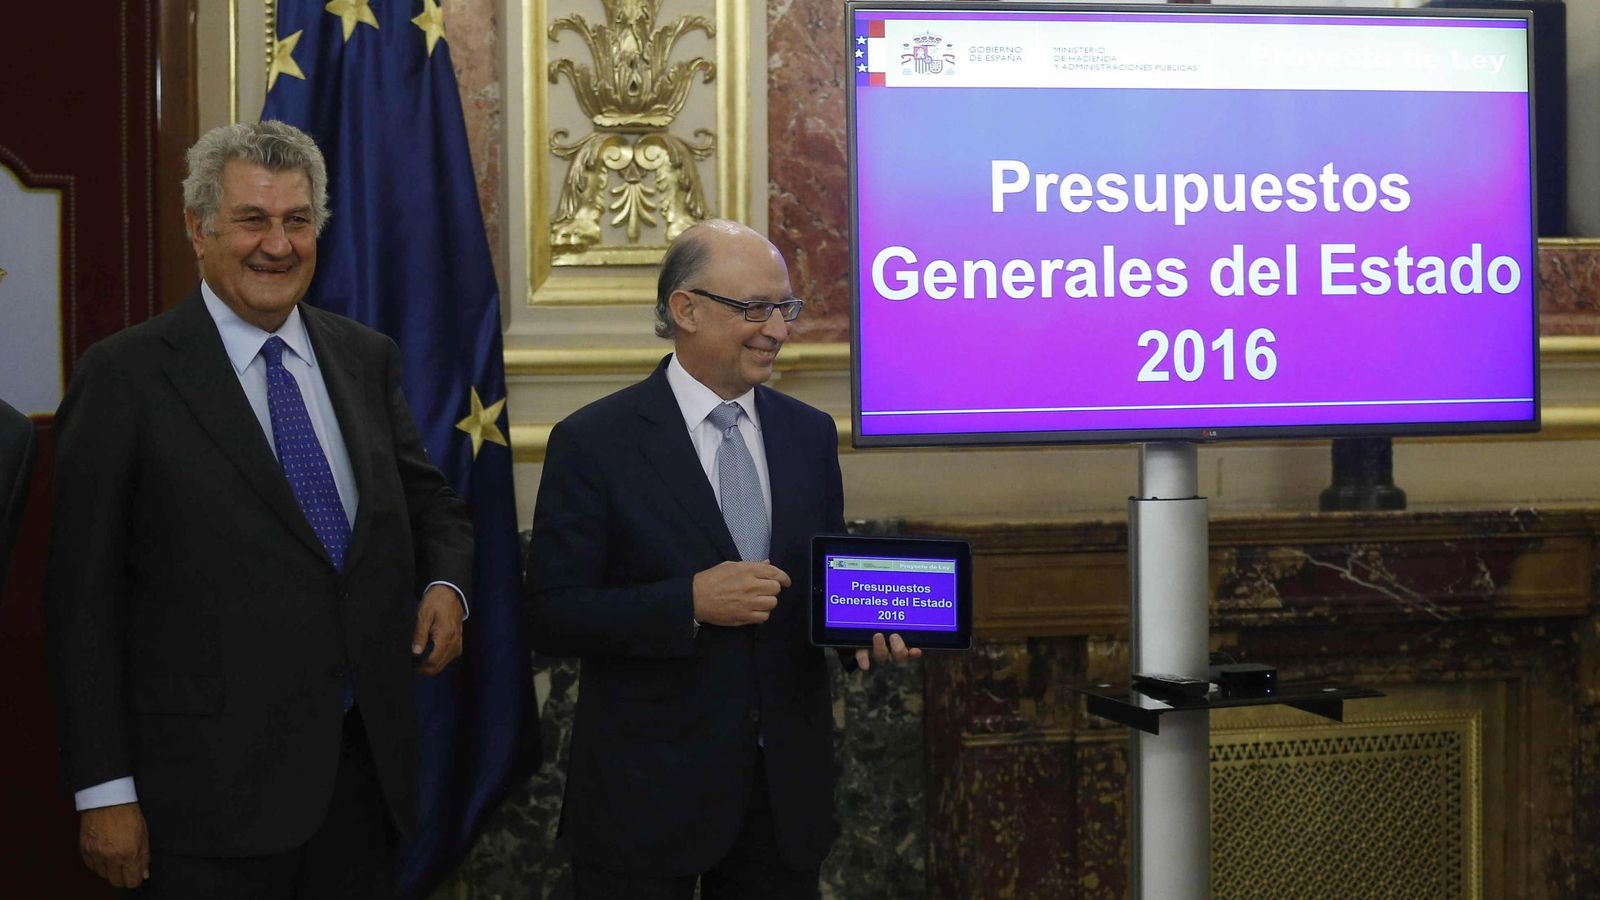 Foto: El ministro de Hacienda, Cristóbal Montoro y el presidente de la Cámara Baja, Jesús Posada durante la presentación de los Presupuestos Generales del Estado 2016. (Efe)